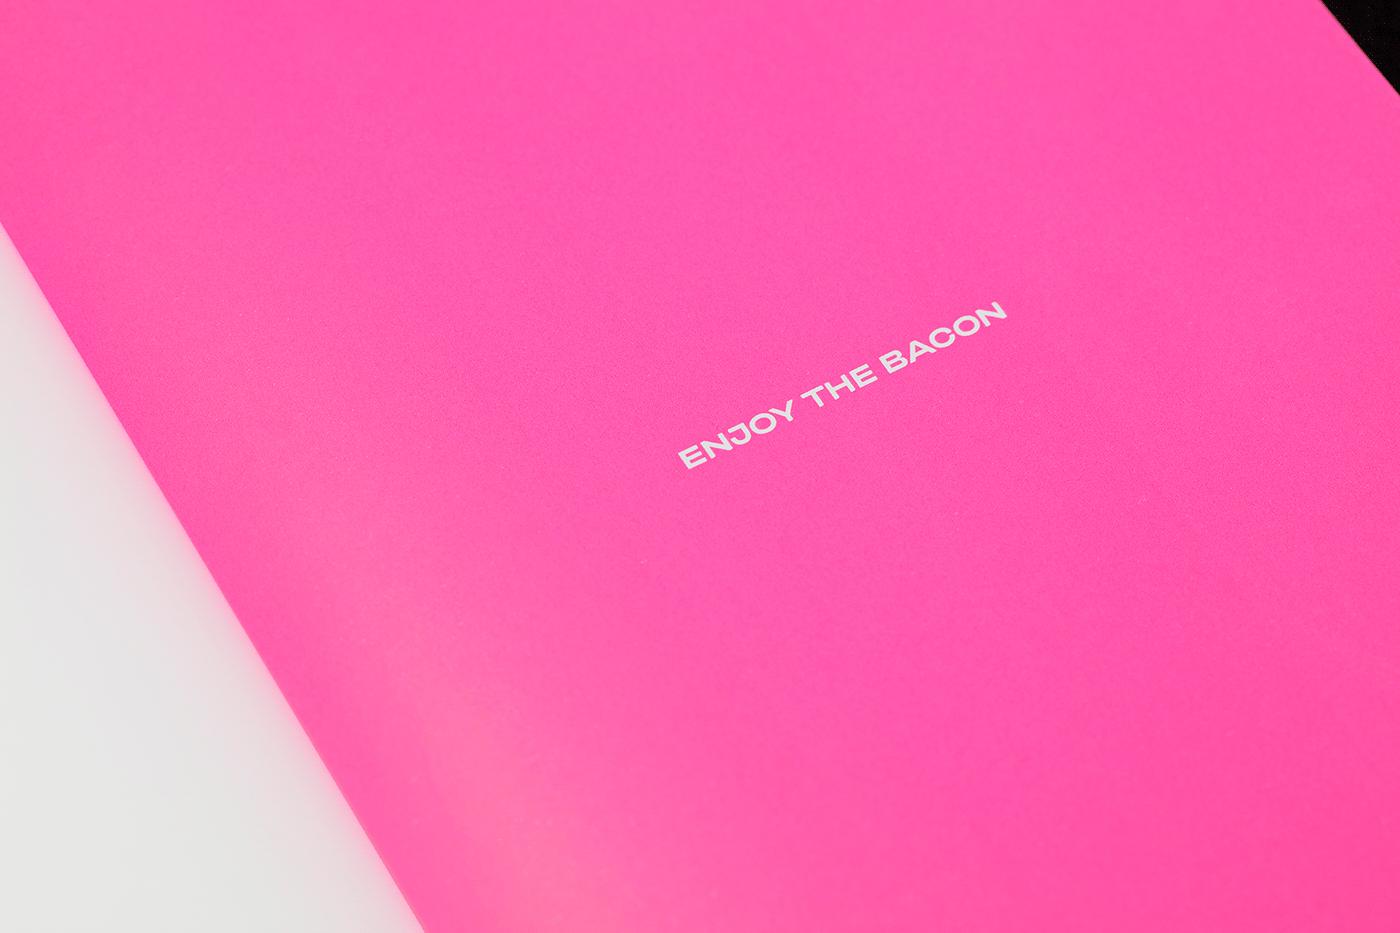 Image may contain: magenta and pink